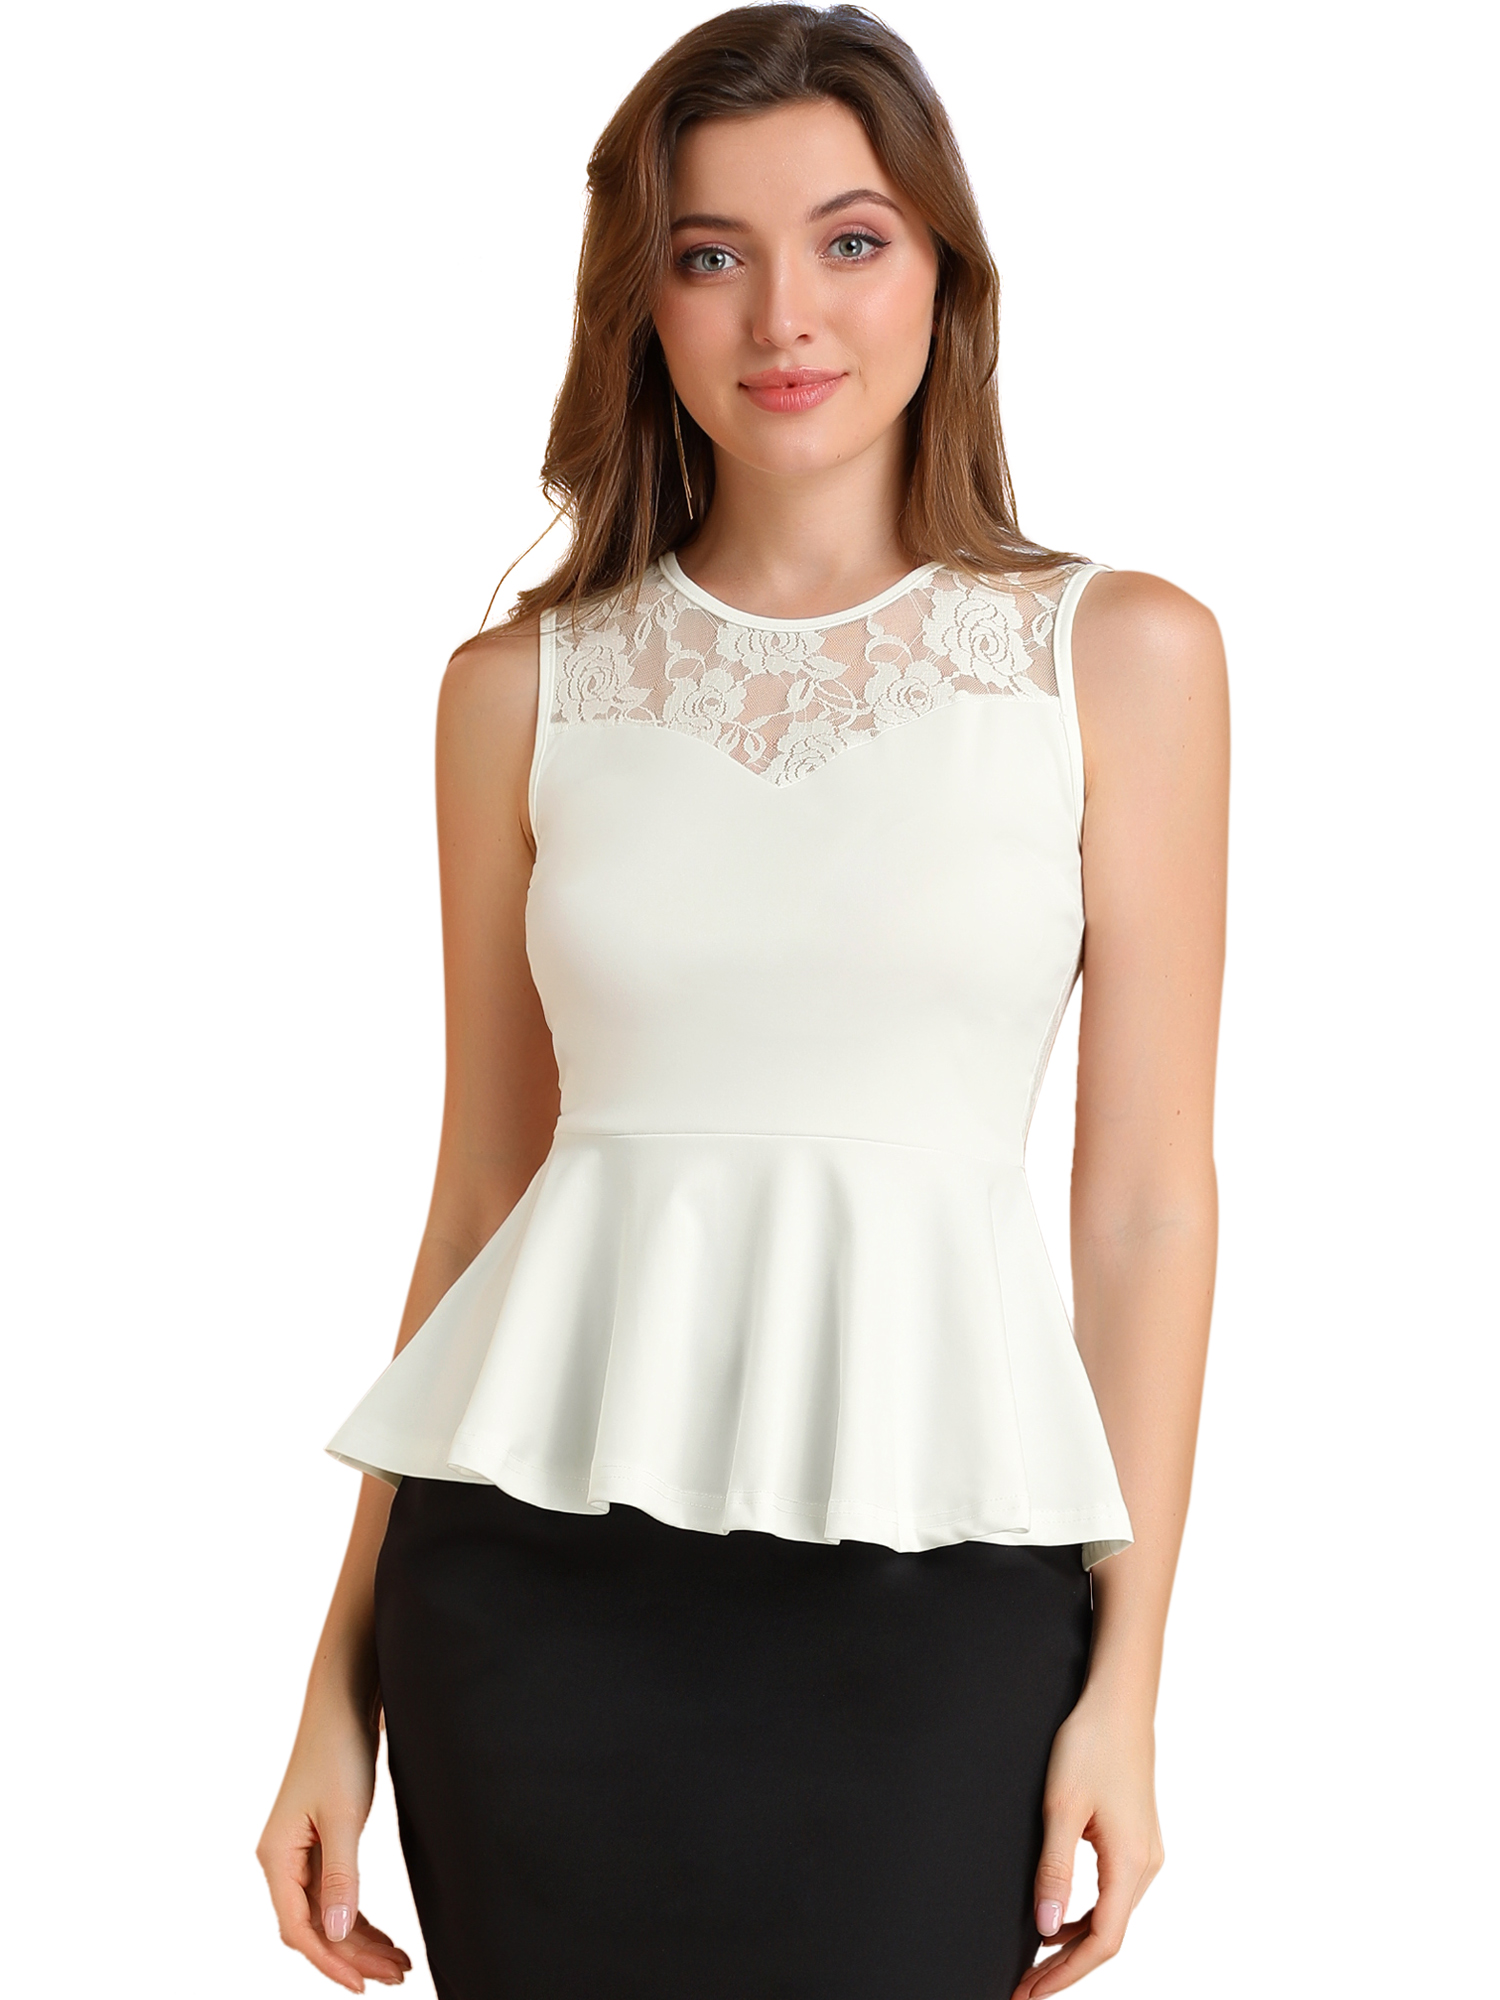 Women Semi-Sheer Lace-Paneled Yoke Sleeveless Peplum Tops White XL